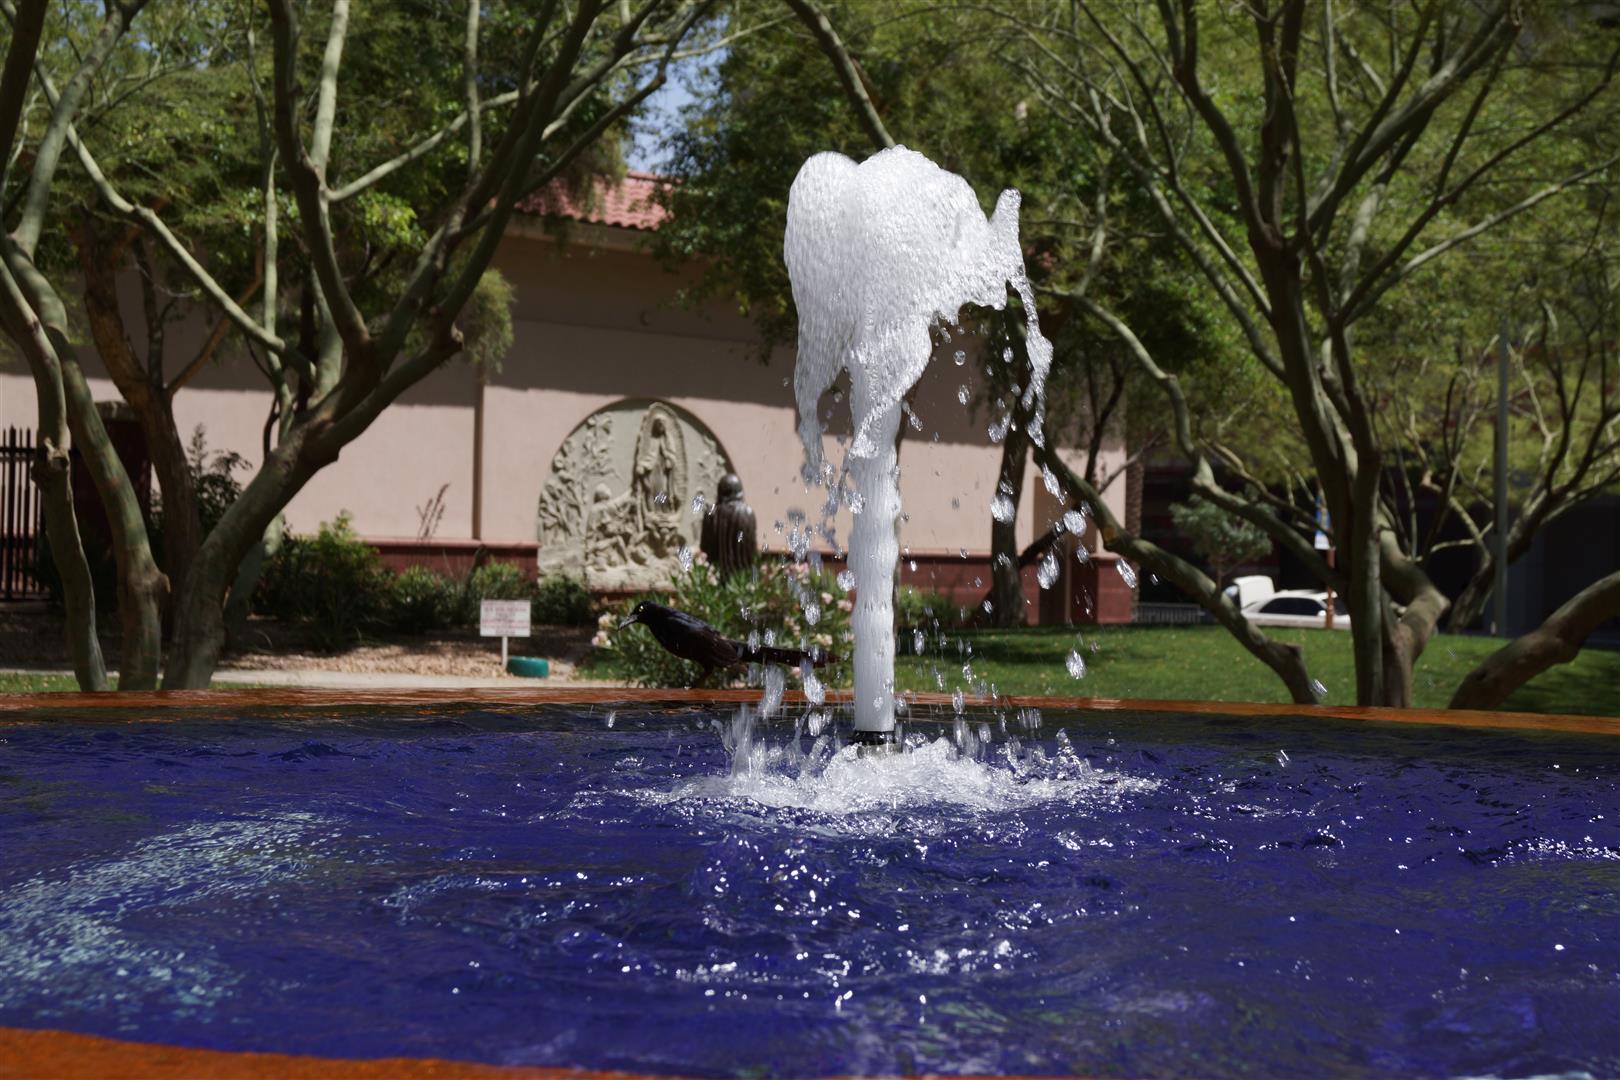 Der erfrischende Brunnen - nicht nur für uns, sondern auch für andere.